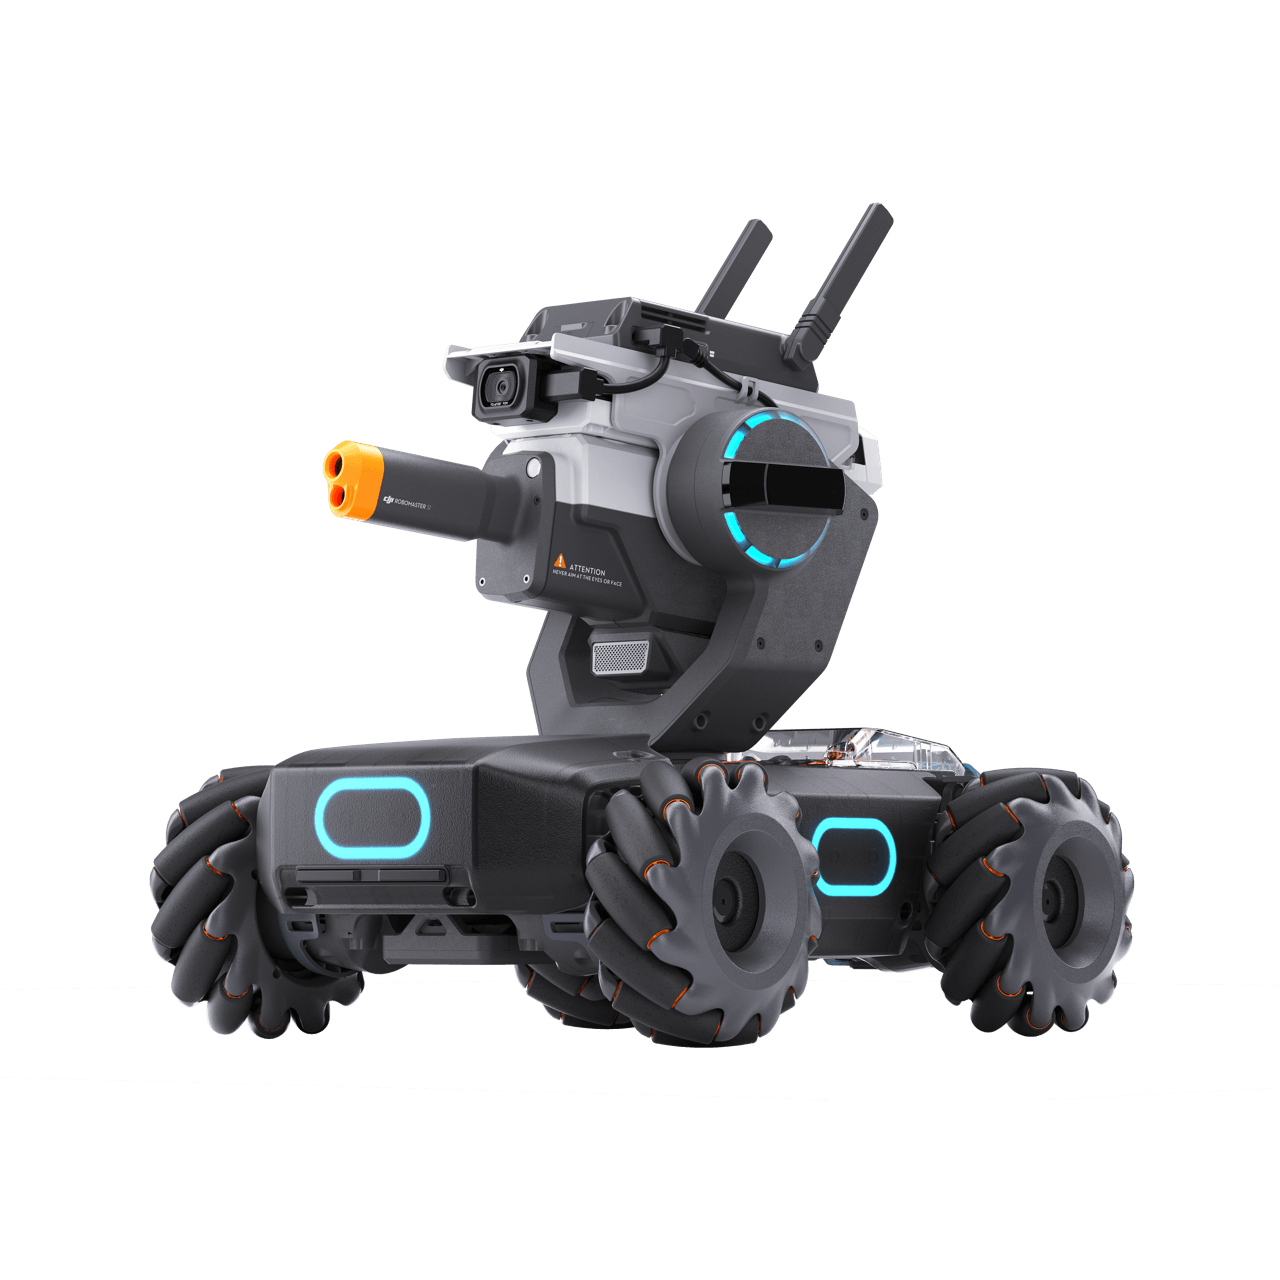 DJI Gelkügelchen für RoboMaster S1